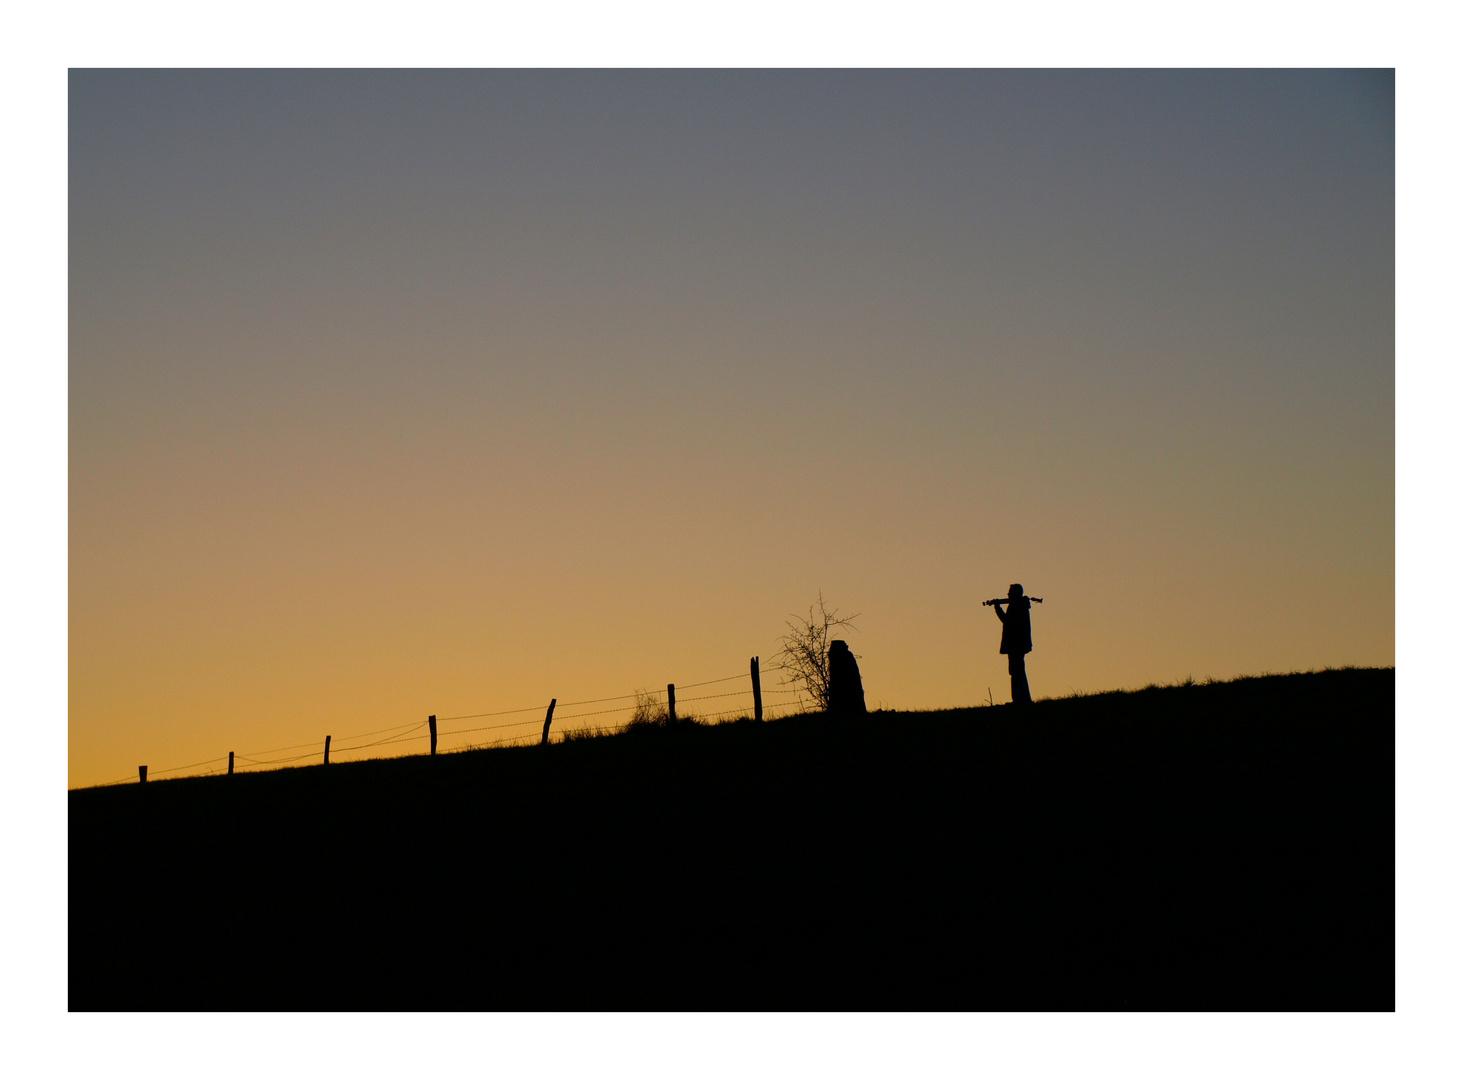 Der einsame (Foto)jäger